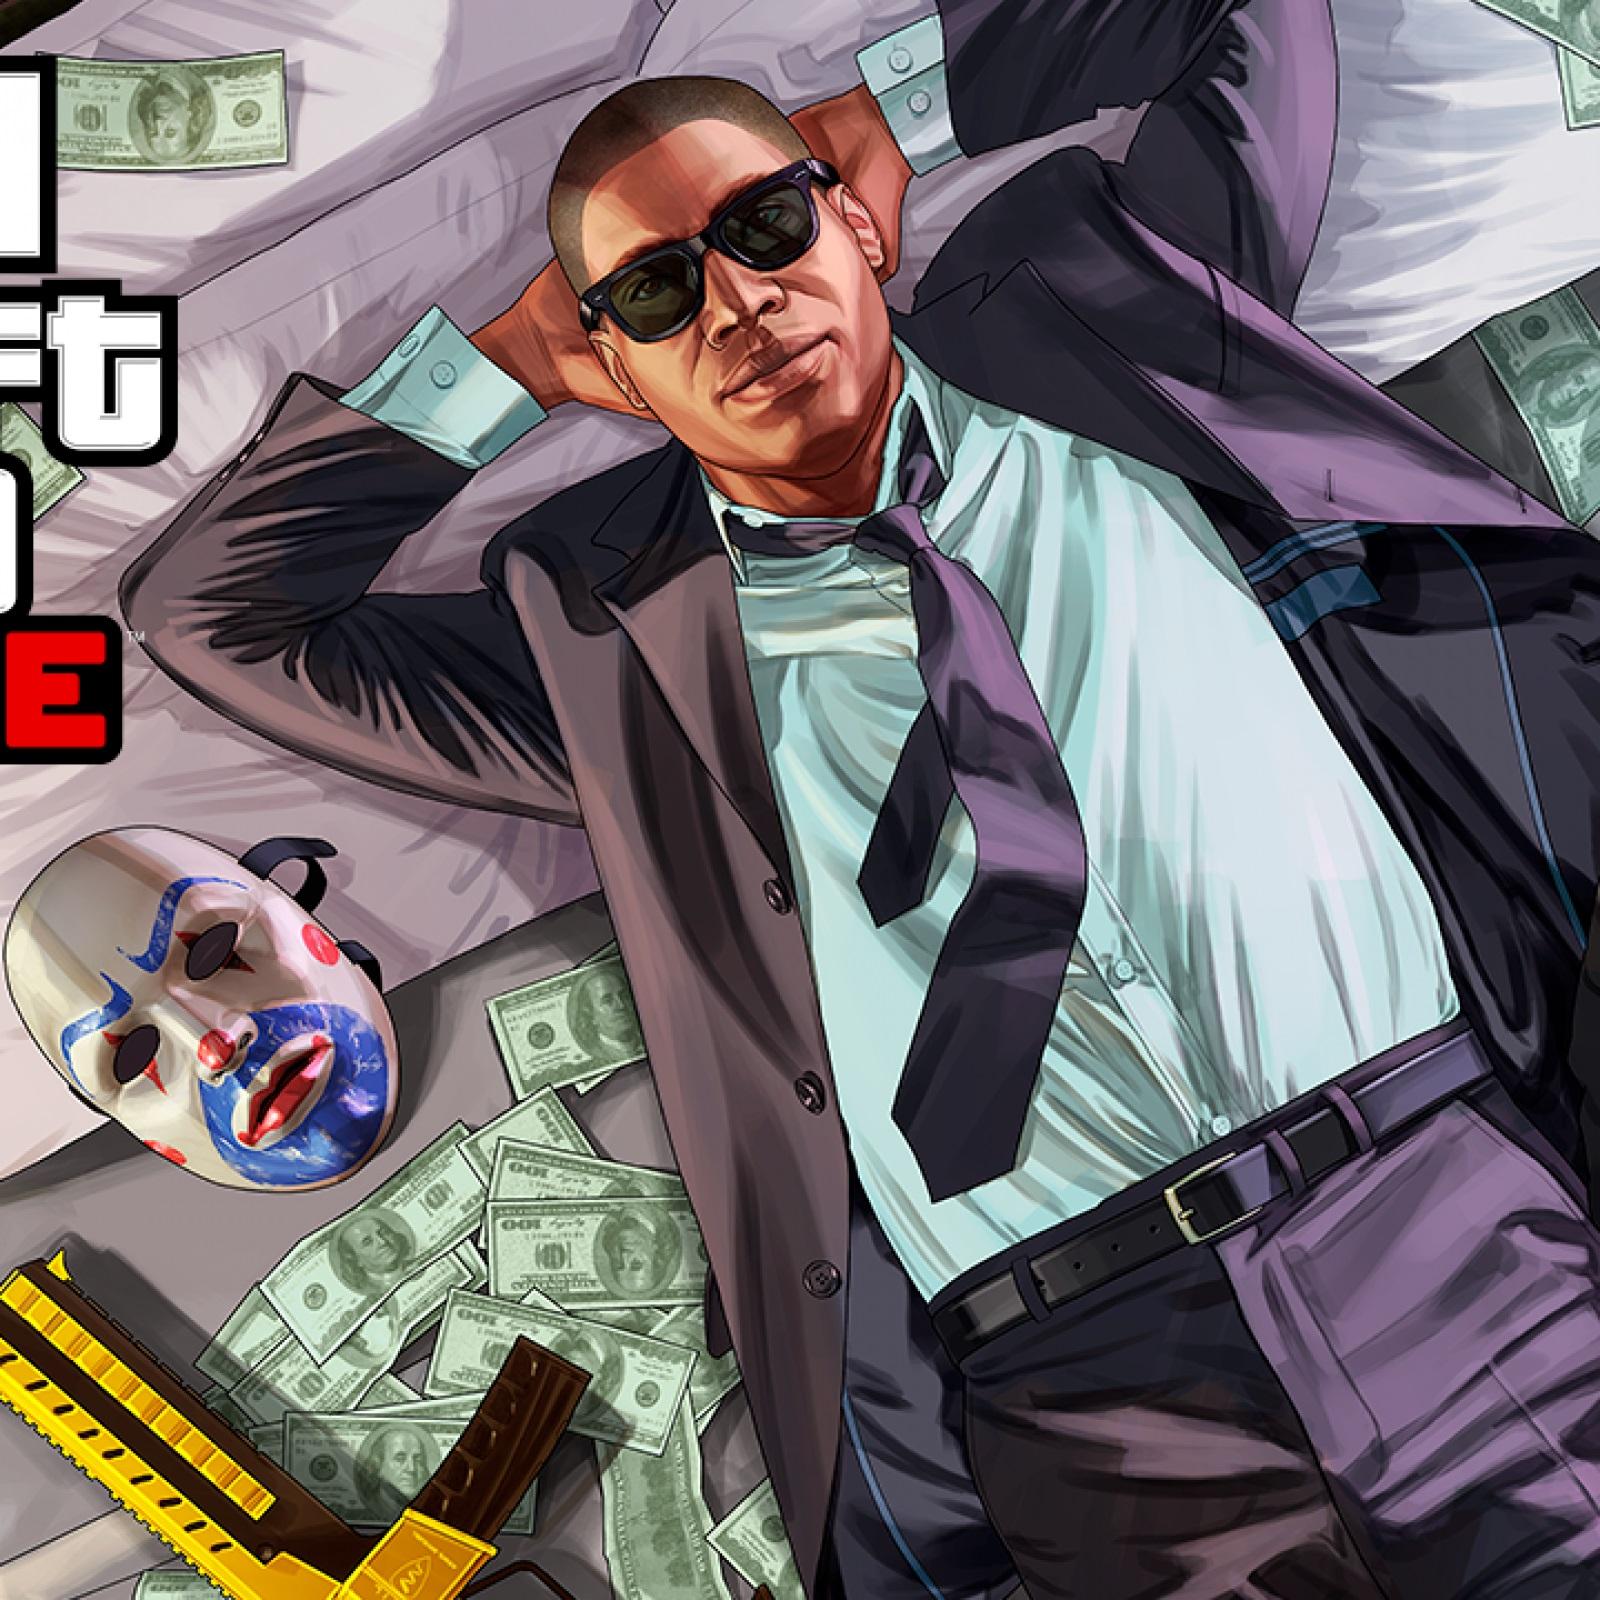 آماری از فروش شگفت انگیز و فوق العادهی بازی GTA V منتشر شد